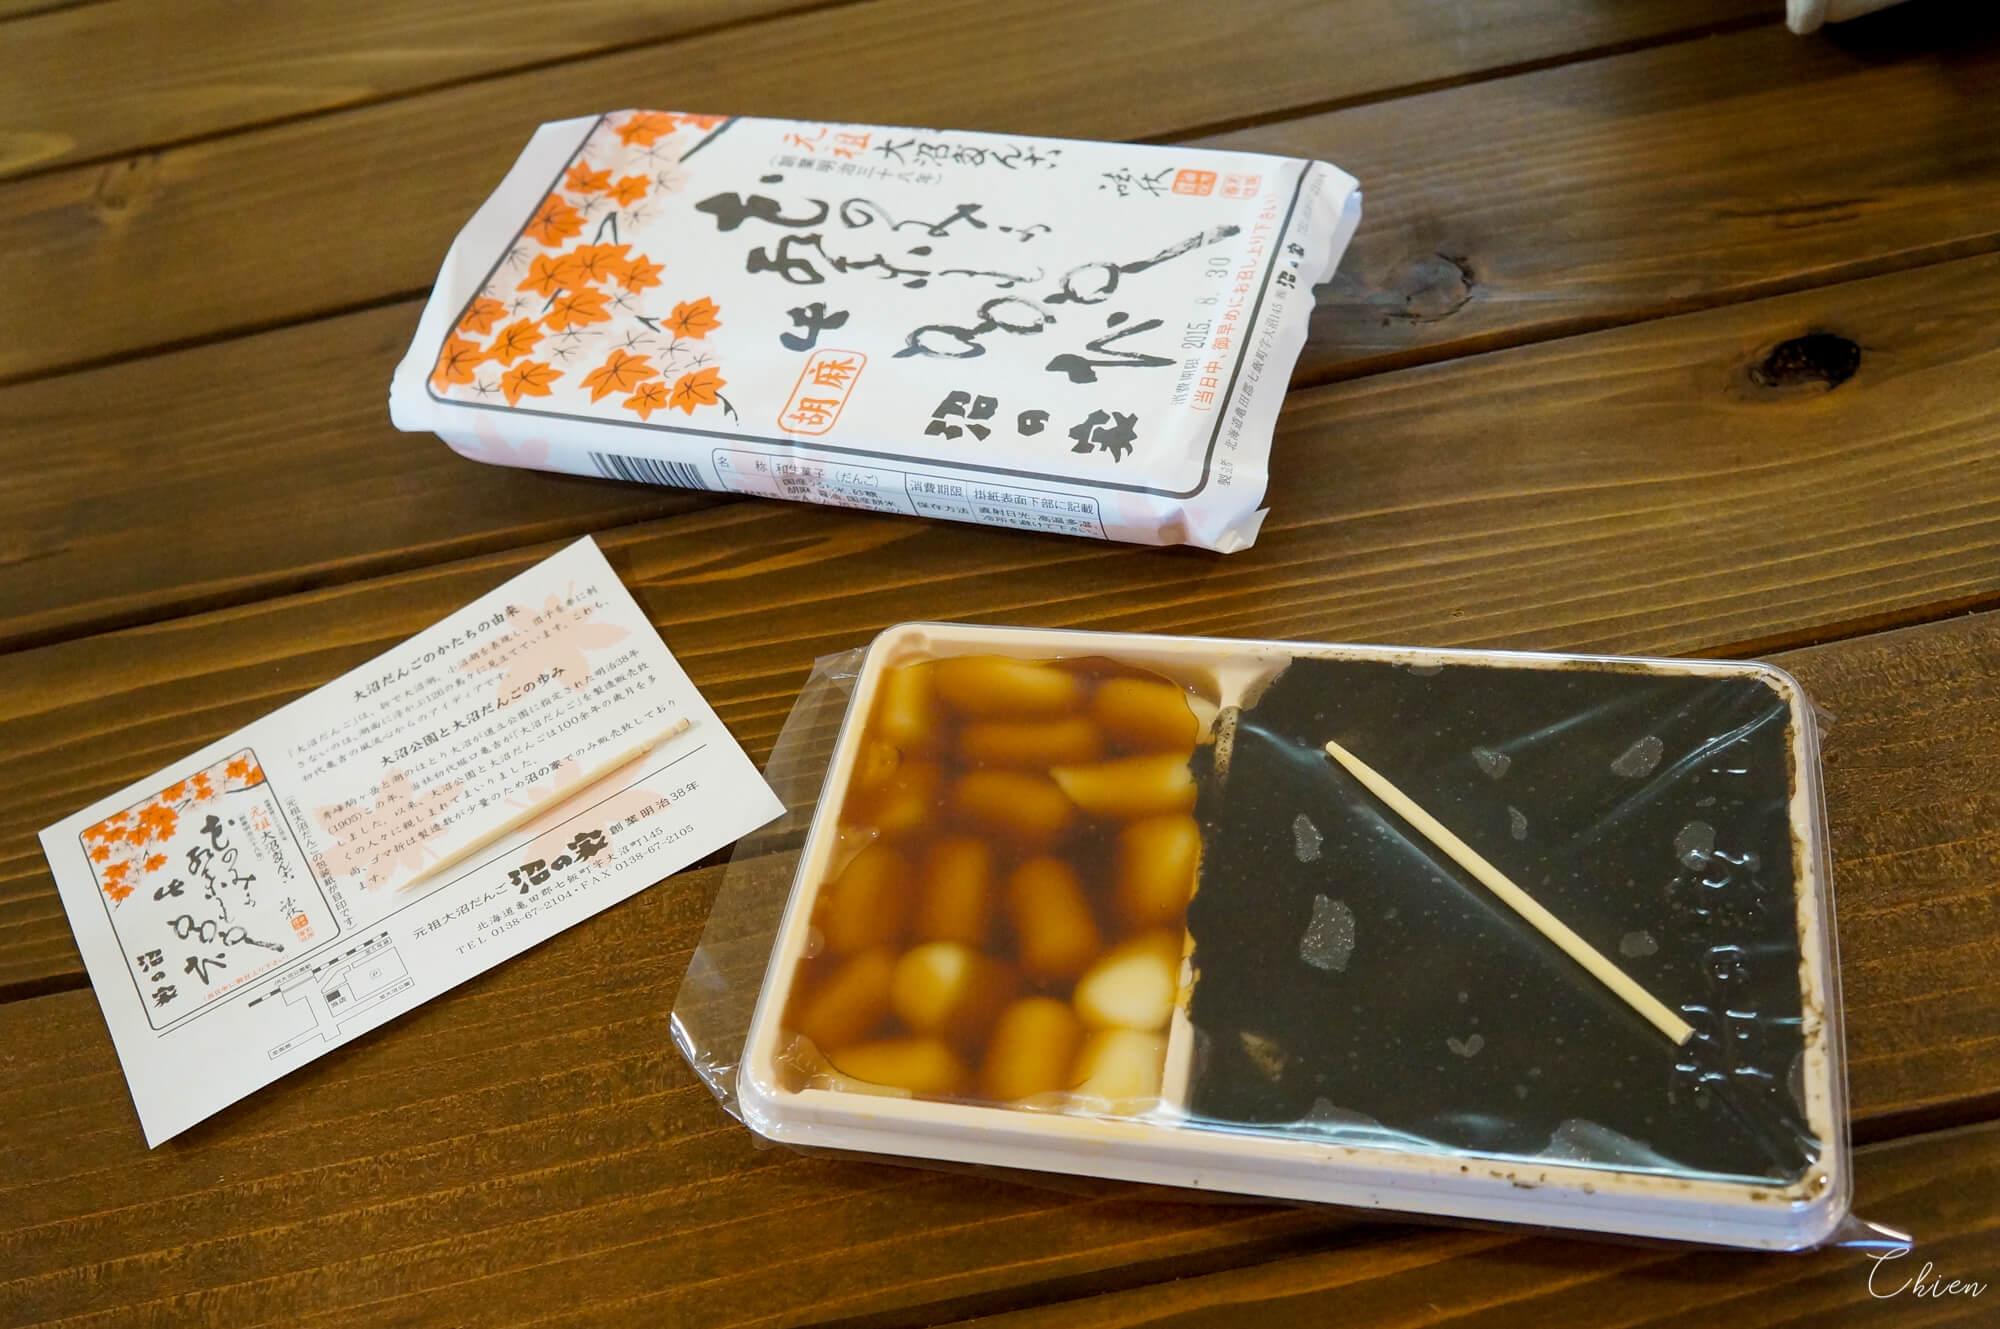 函館大沼公園 沼の家 丸子和菓子